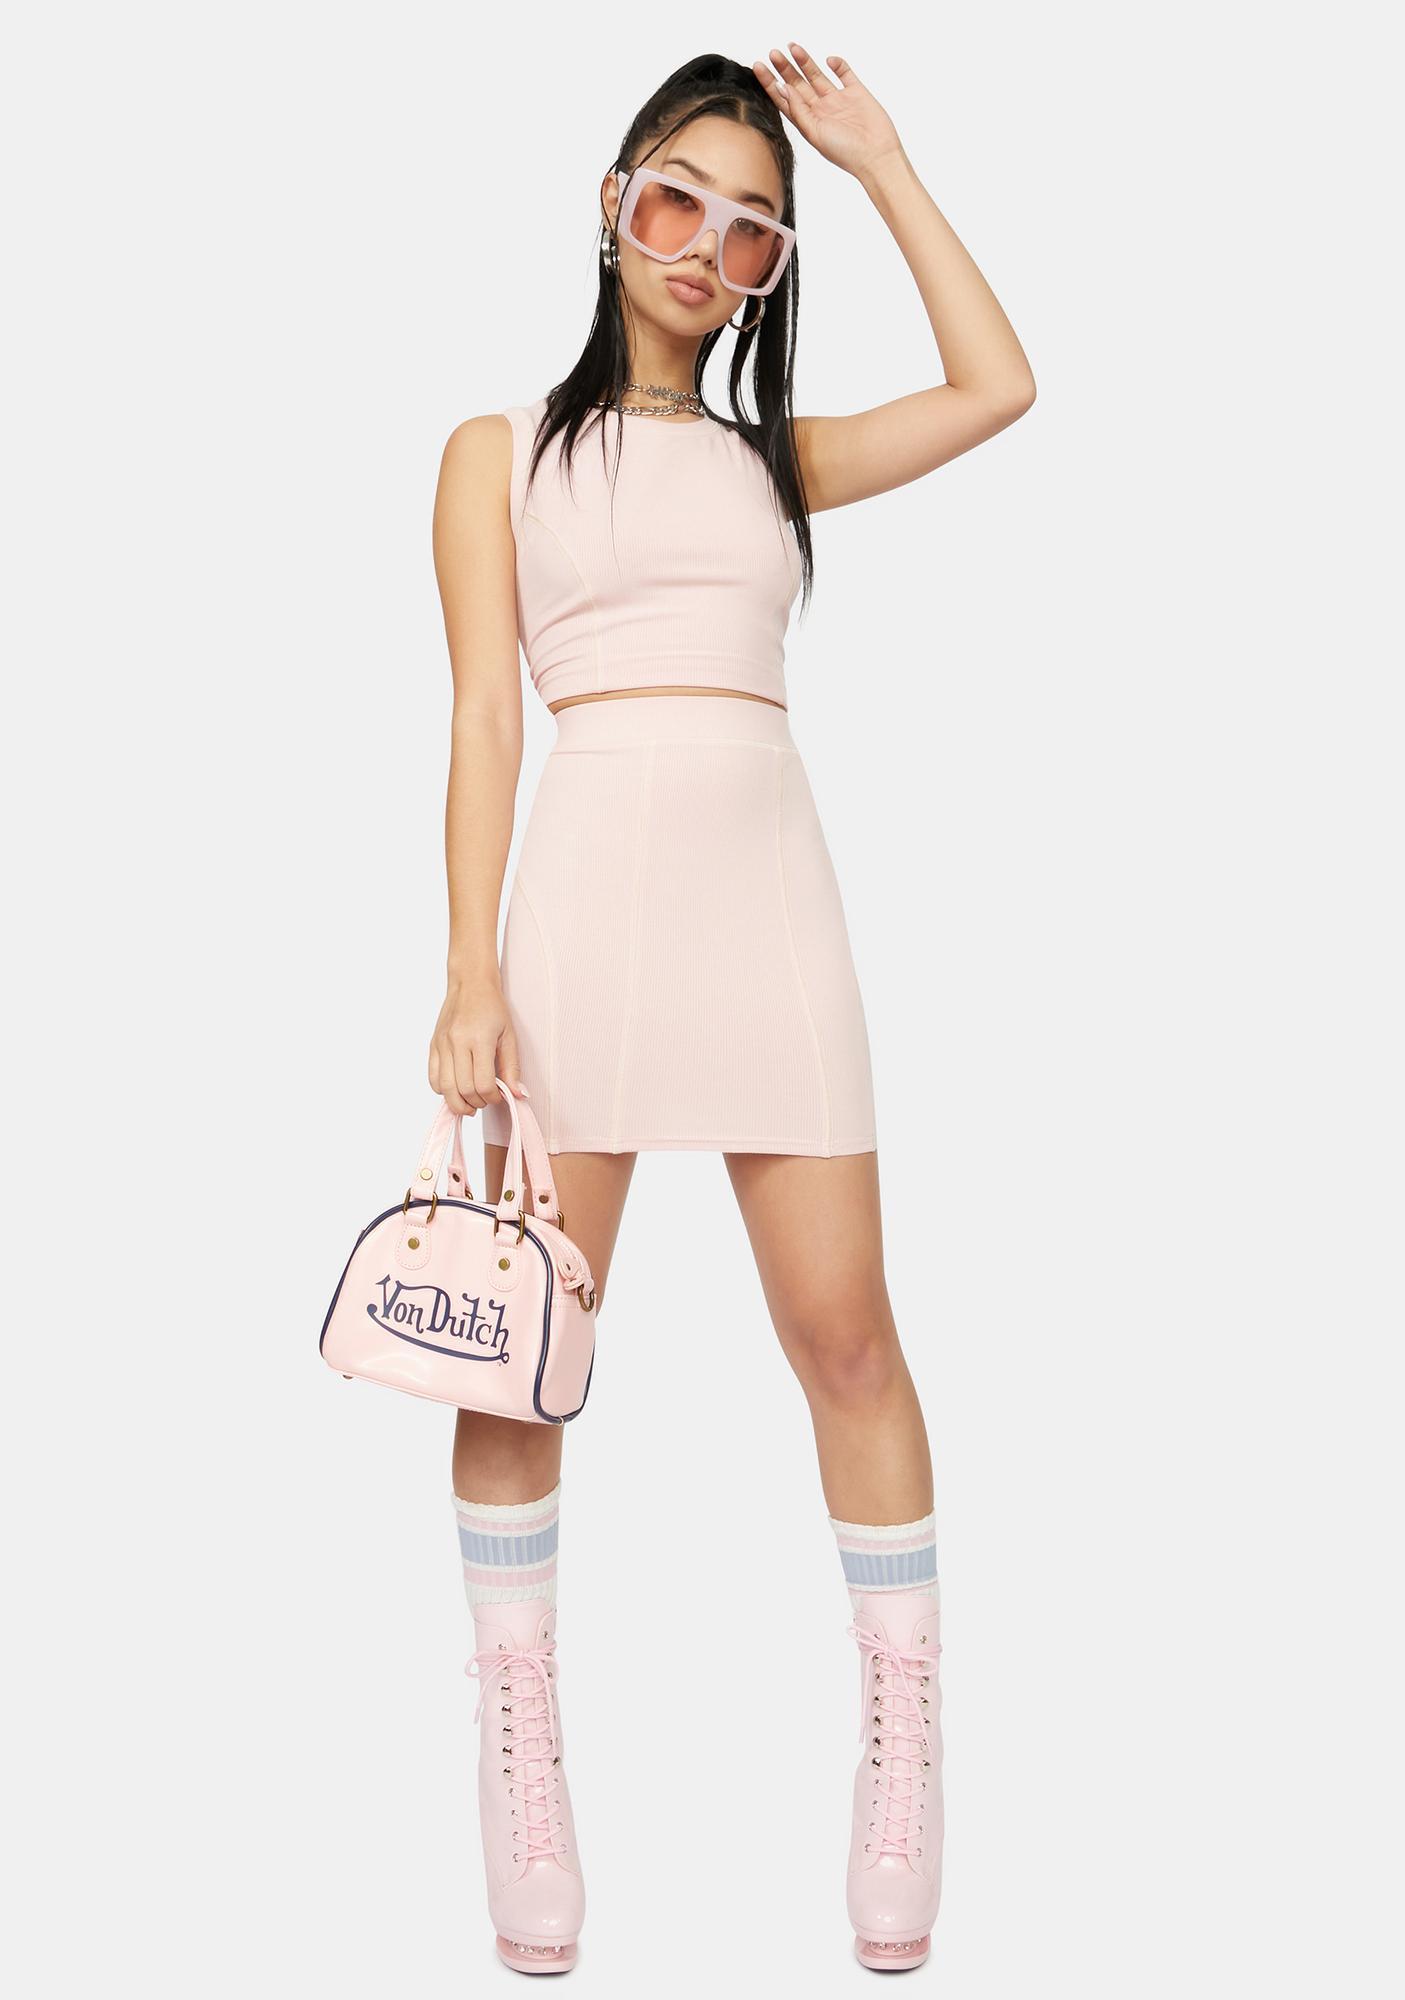 Next To Me Bodycon Mini Skirt